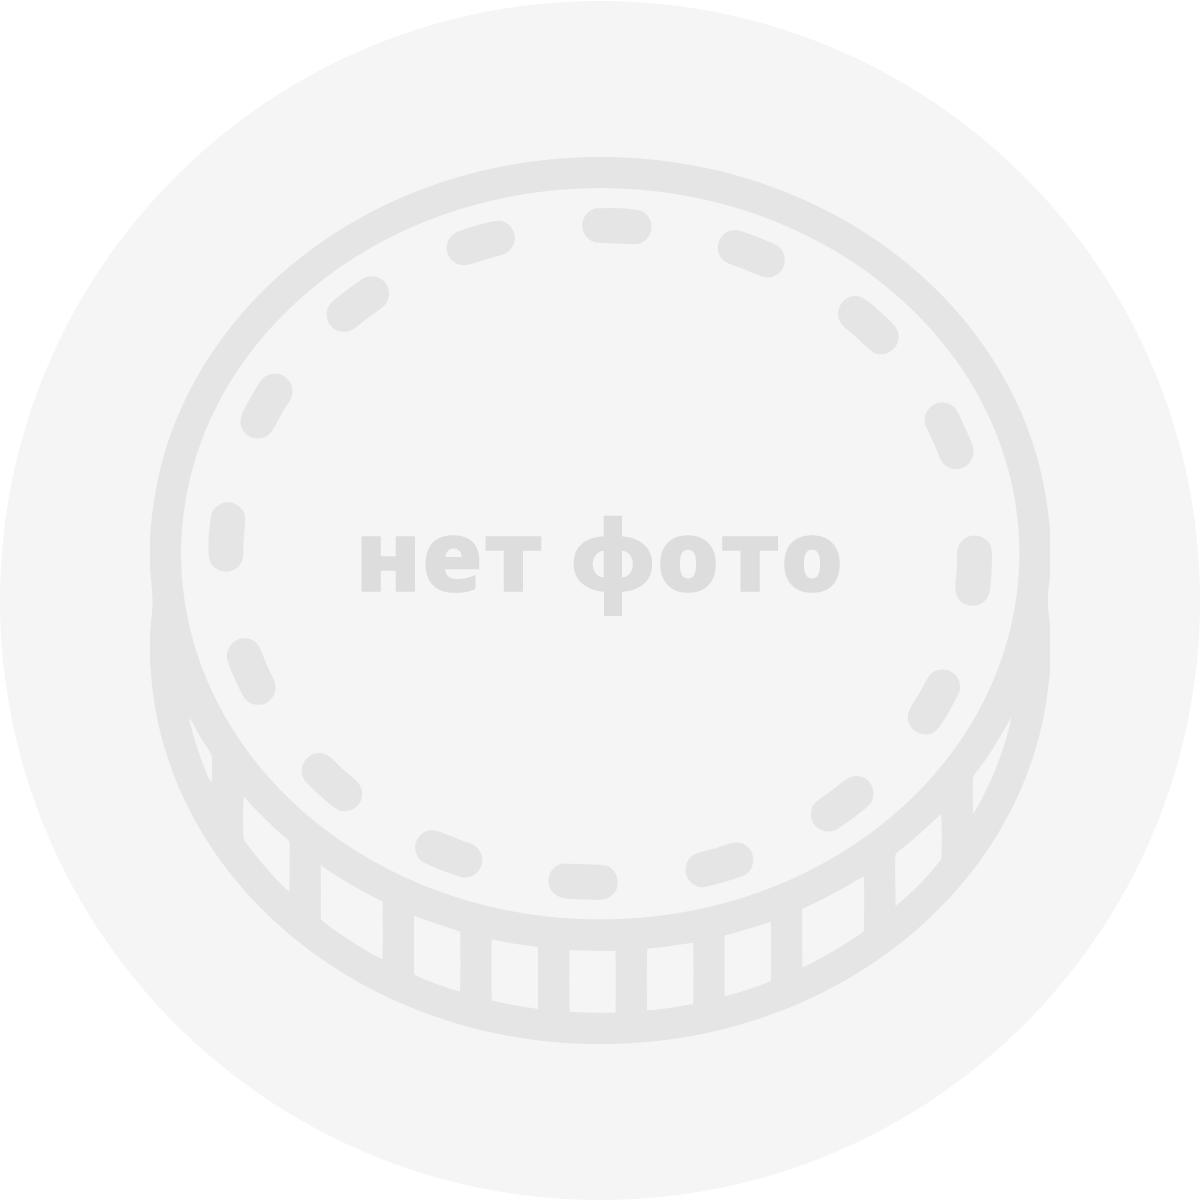 Каталог монет николая ii имеет ли право продавец не принимать мелочь